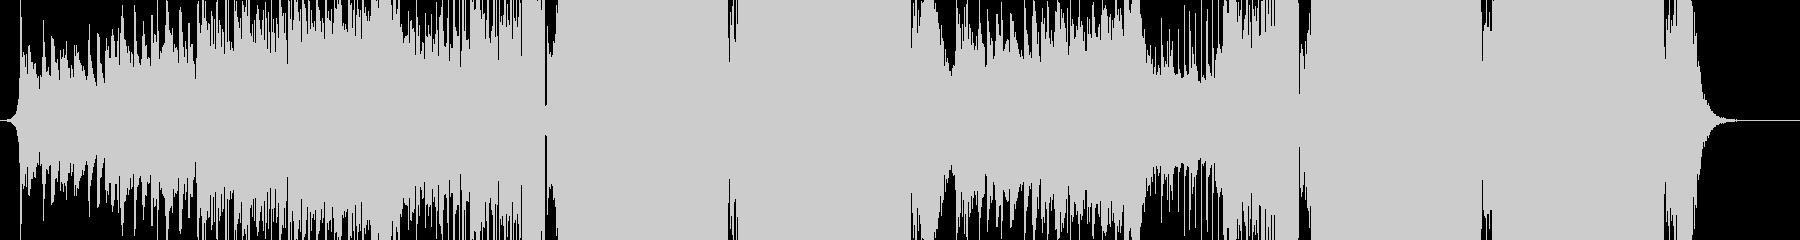 アガる!王道EDM/プログレッシブハウスの未再生の波形